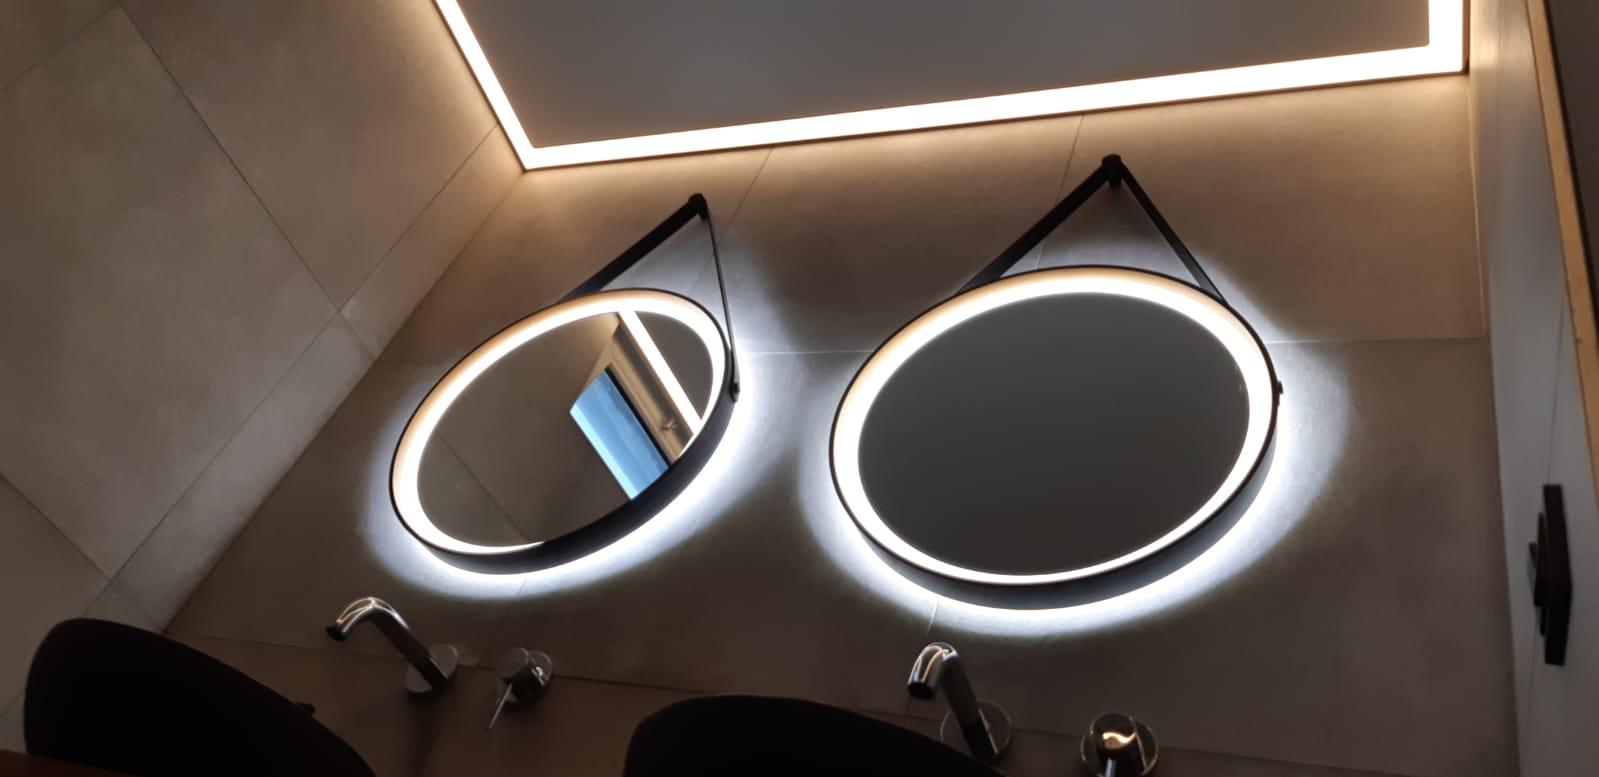 LED verlichting rondom de spiegels in uw badkamer